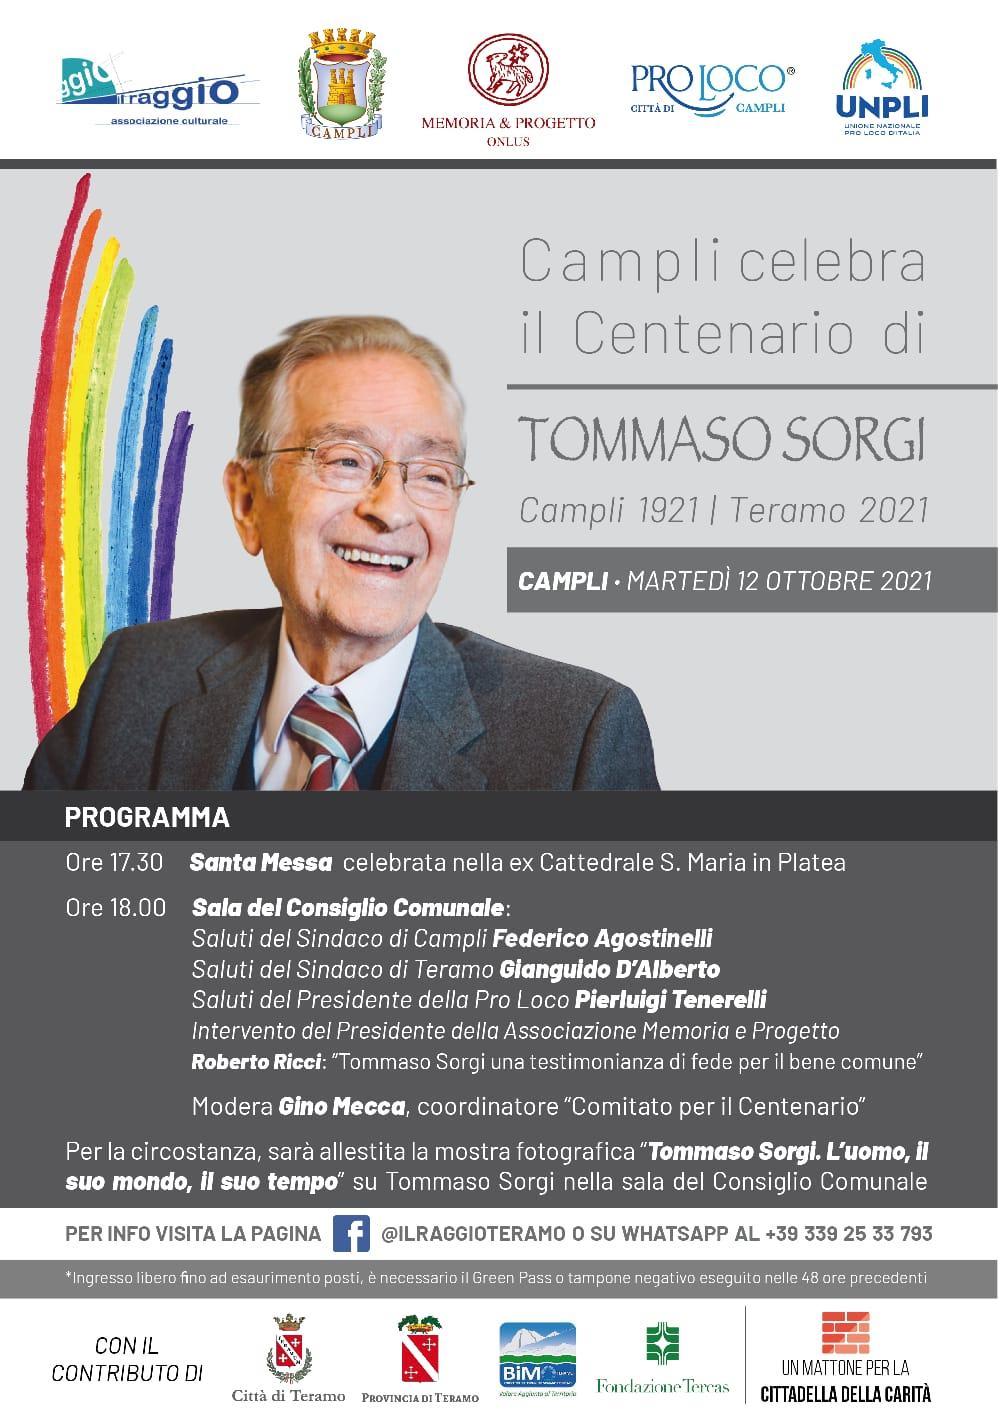 Campli celebra il centenario di Tommaso Sorgi. Allestita mostra fotografica